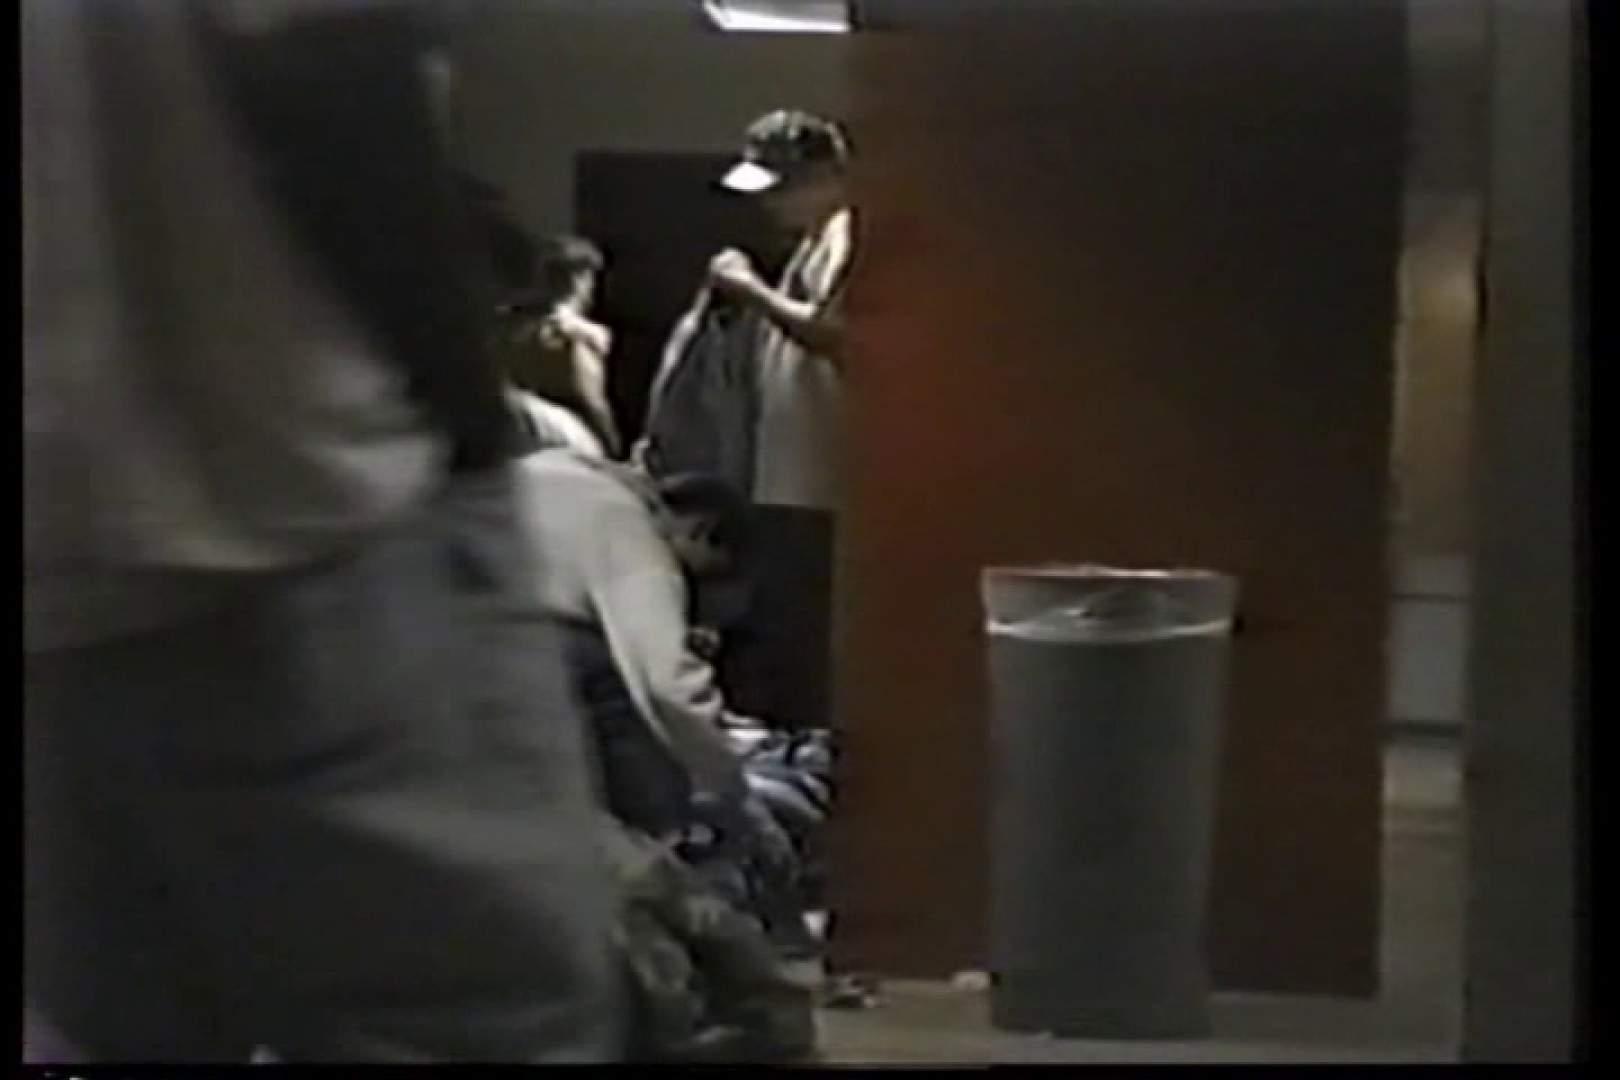 洋人さんの脱衣所を覗いてみました。VOL.3 男天国 | 0  109pic 98